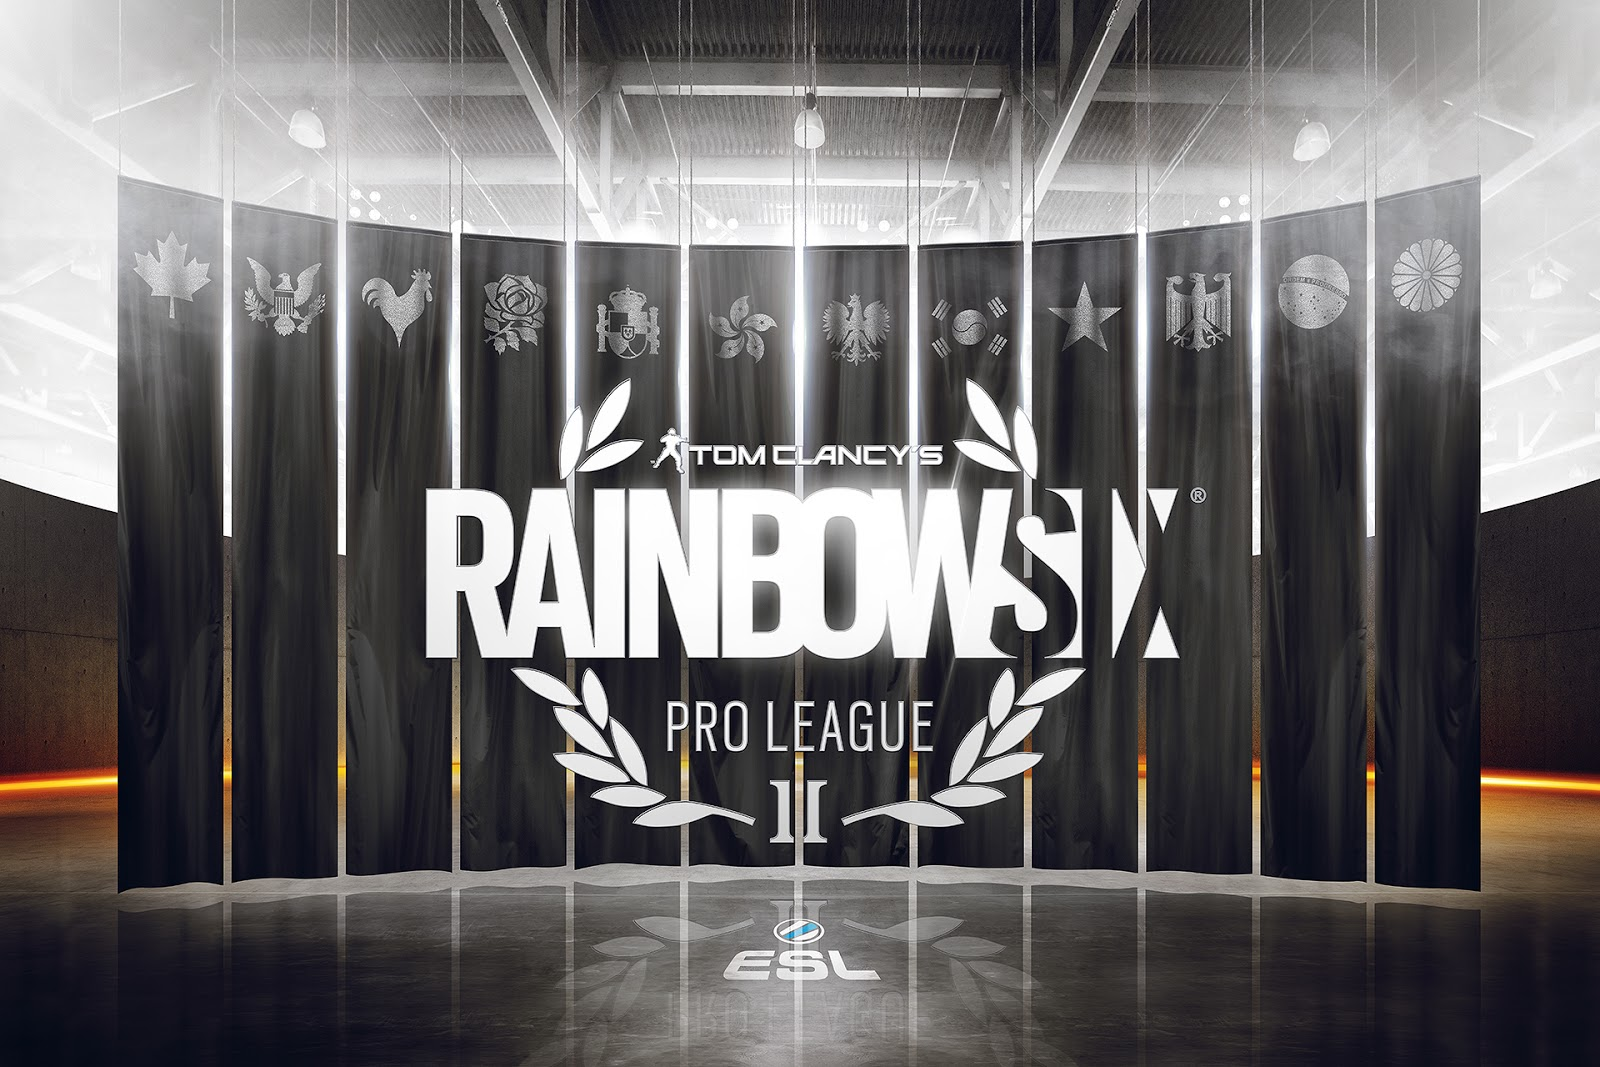 Ubisoft comparte nuevos detalles de la Pro League año 2 de Tom Clancy's Rainbow Six